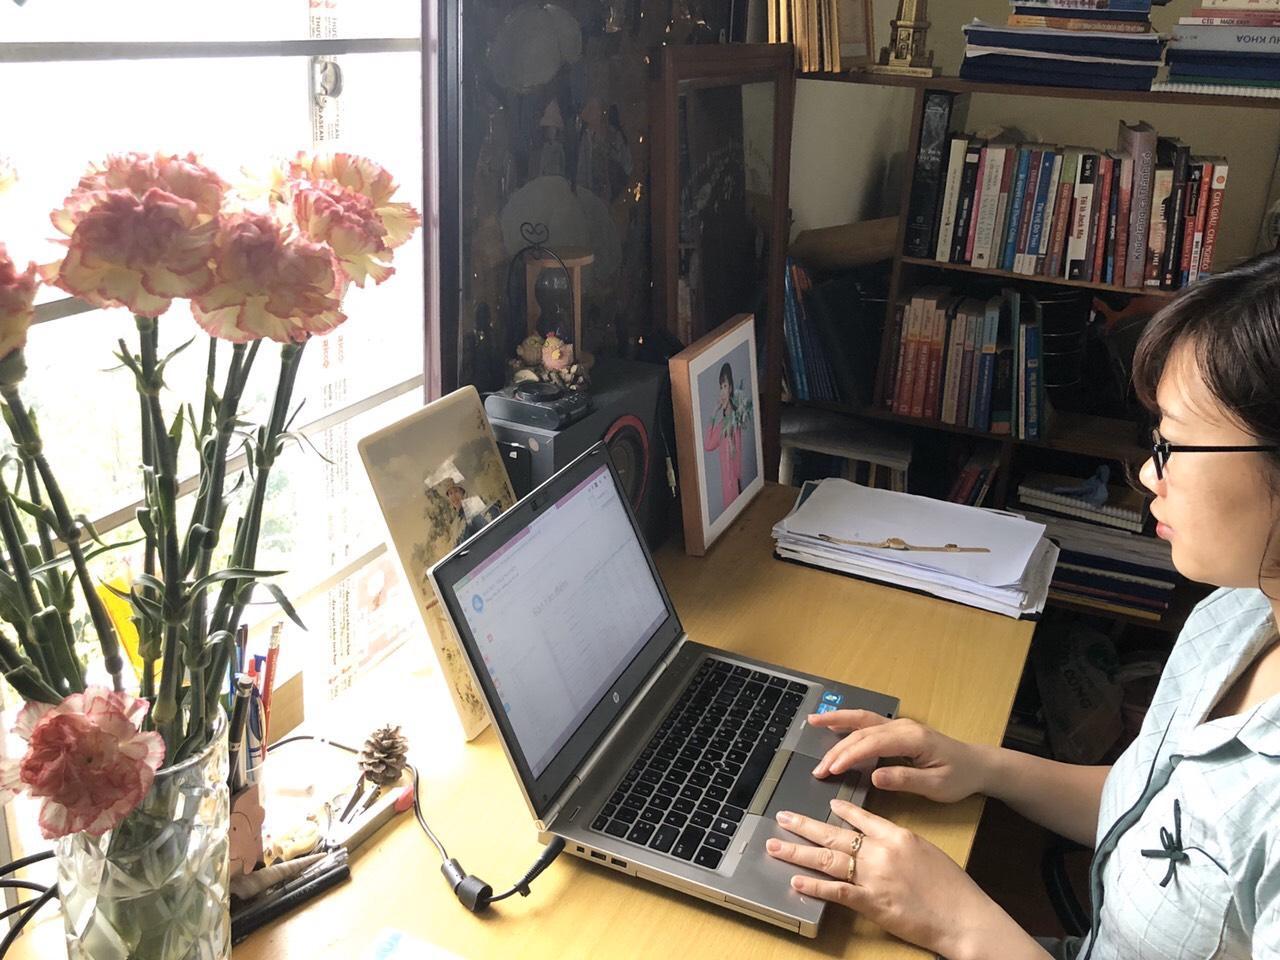 Triển khai học trực tuyến trong thời gian nghỉ dịch Covid-19 của Phân hiệu